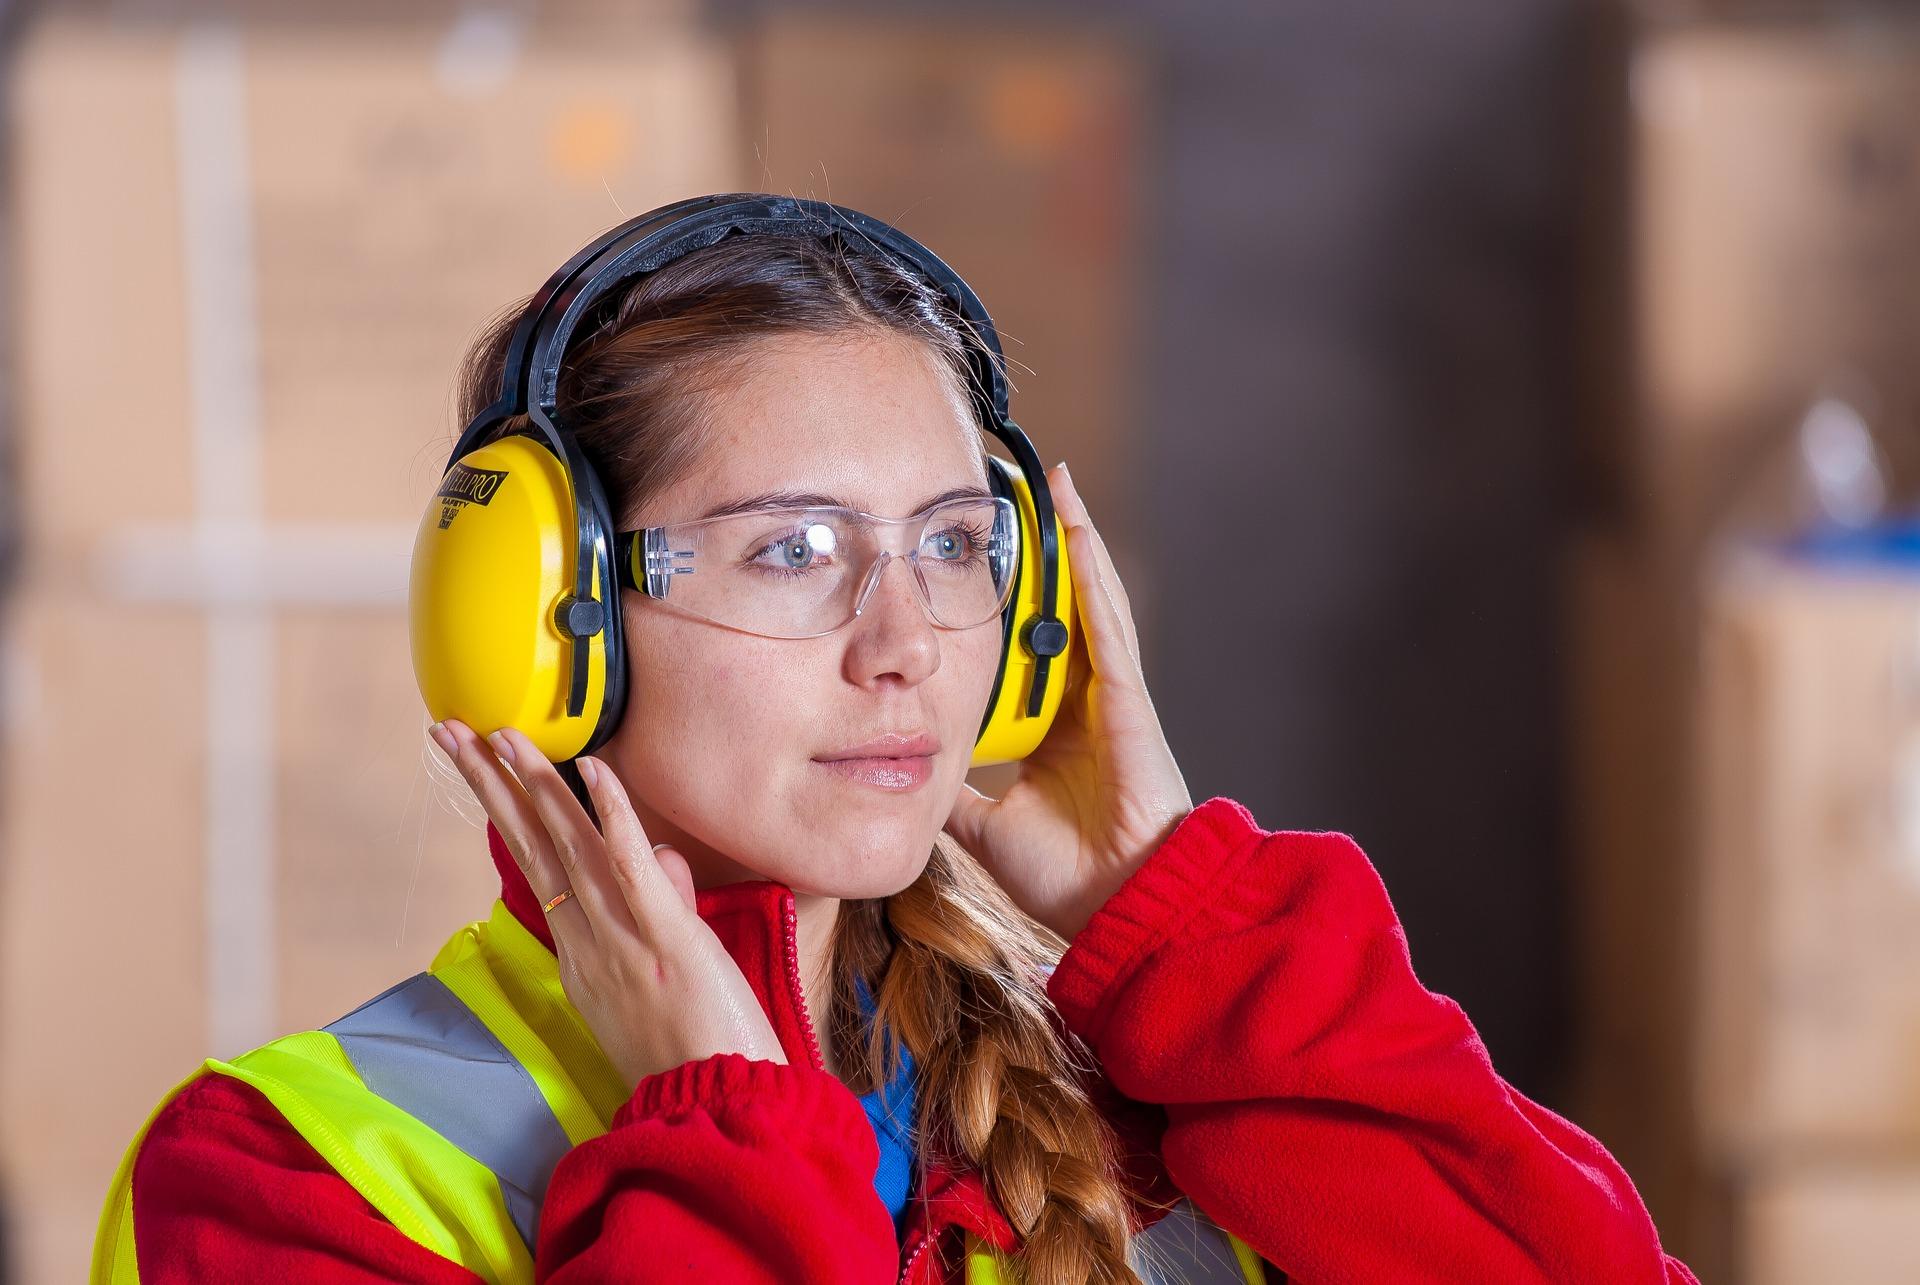 Optimaler Arbeitsschutz - Das sollten Sie wissen!